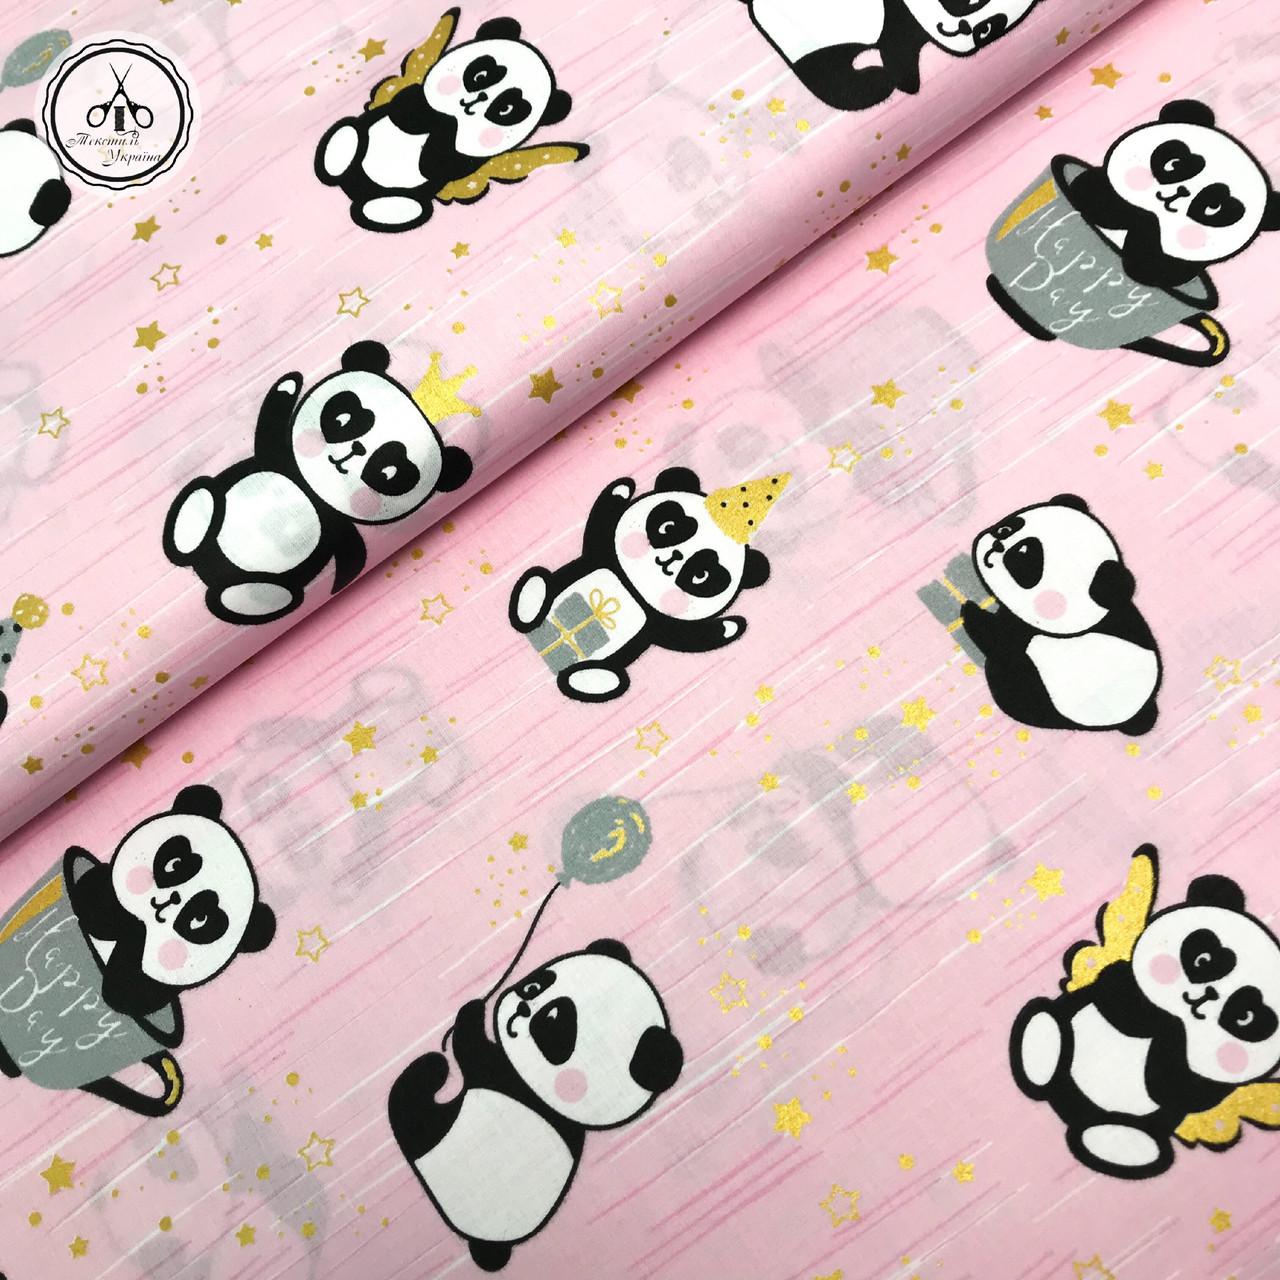 """Польская хлопковая ткань """"панды с золотыми звездами (глиттер) на розовом"""""""